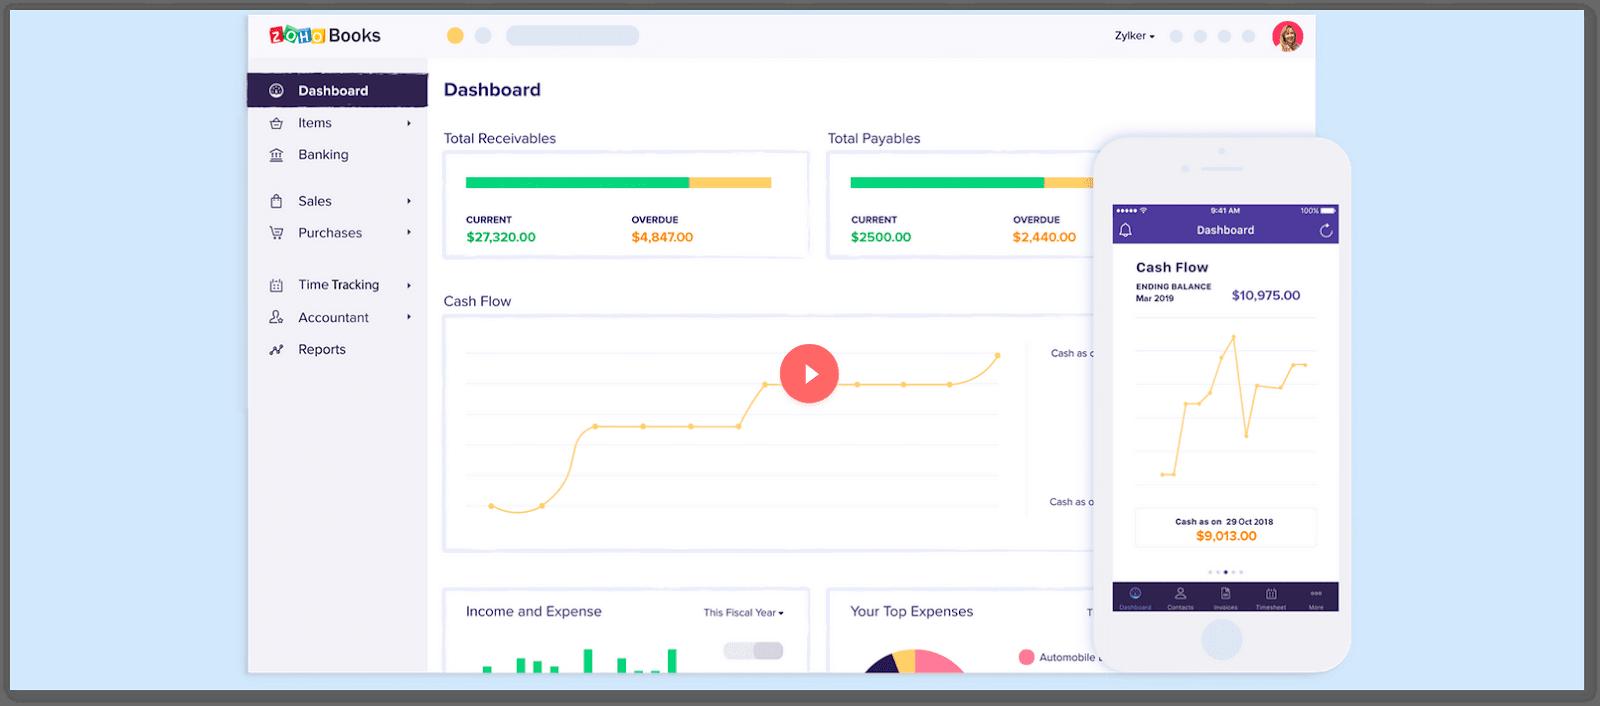 ZohoBooks bisa menjadi aplikasi yang membantu Anda di awal membangun usaha bisnis.